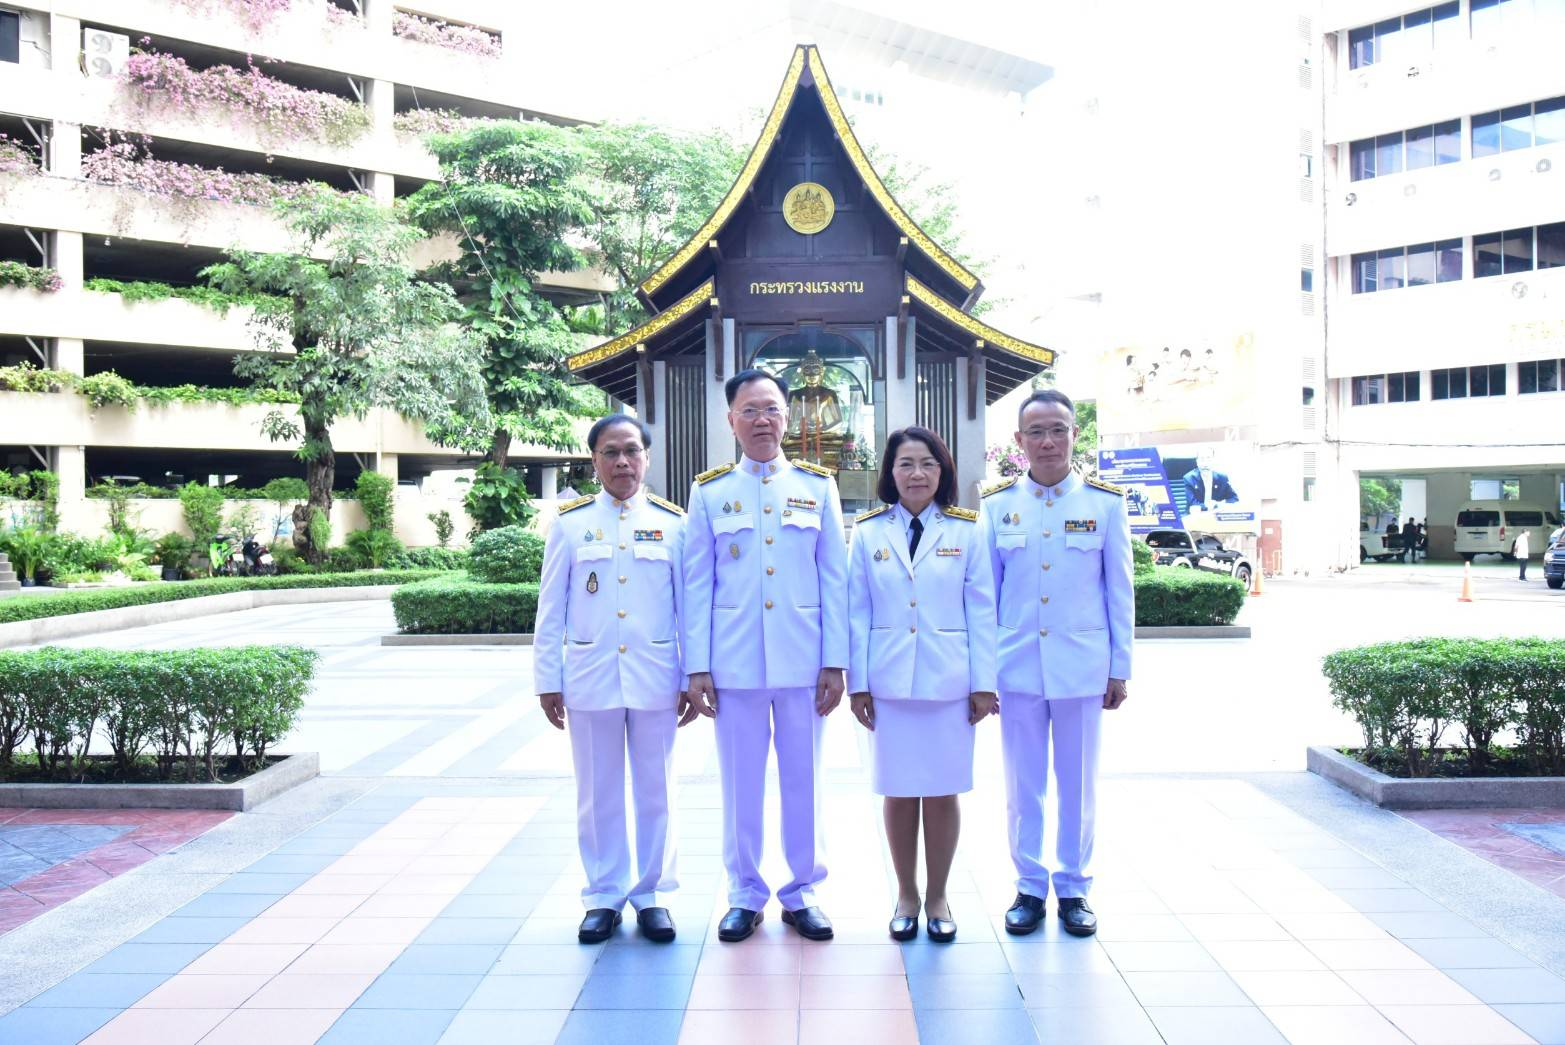 อธิบดีกรมการจัดหางาน ร่วมพิธีฯ เนื่องในโอกาสวันเฉลิมพระชนมพรรษา 3 มิถุนายน 2563